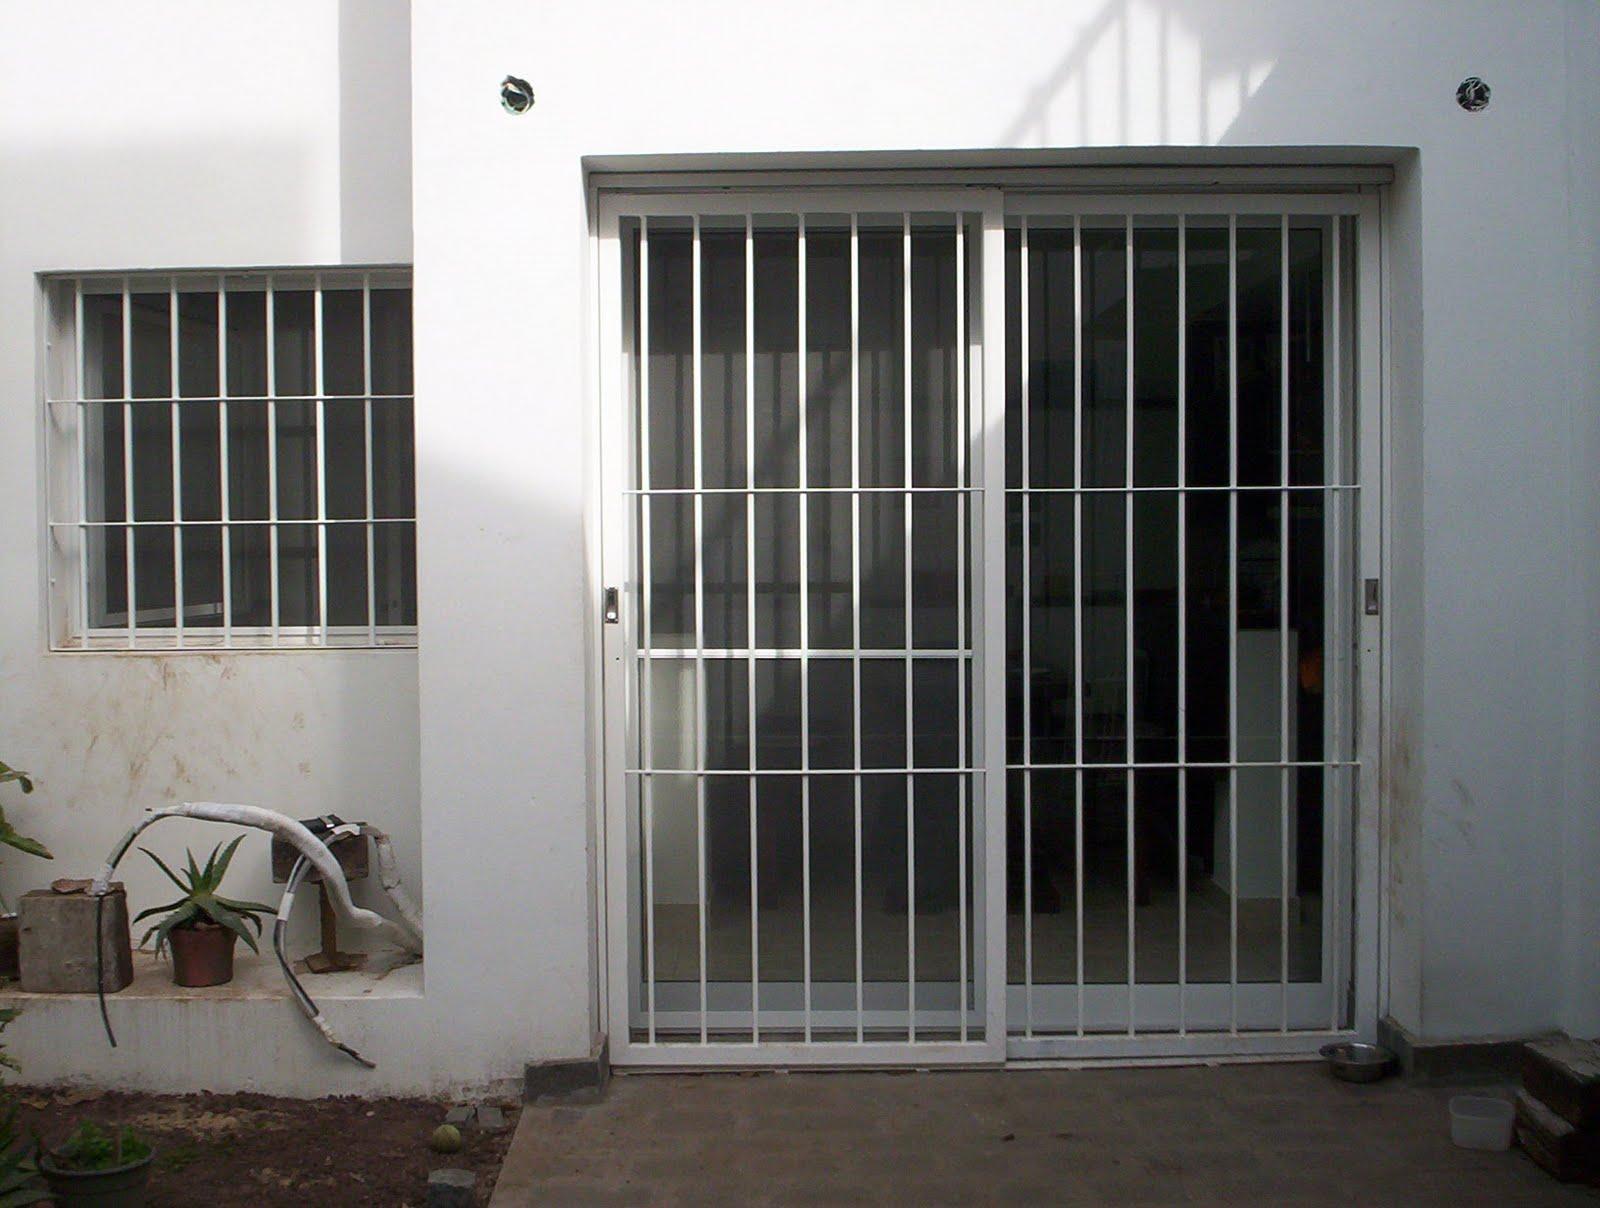 Puertas rejas portones protecciones guardas acero portal - Rejas para puertas ...